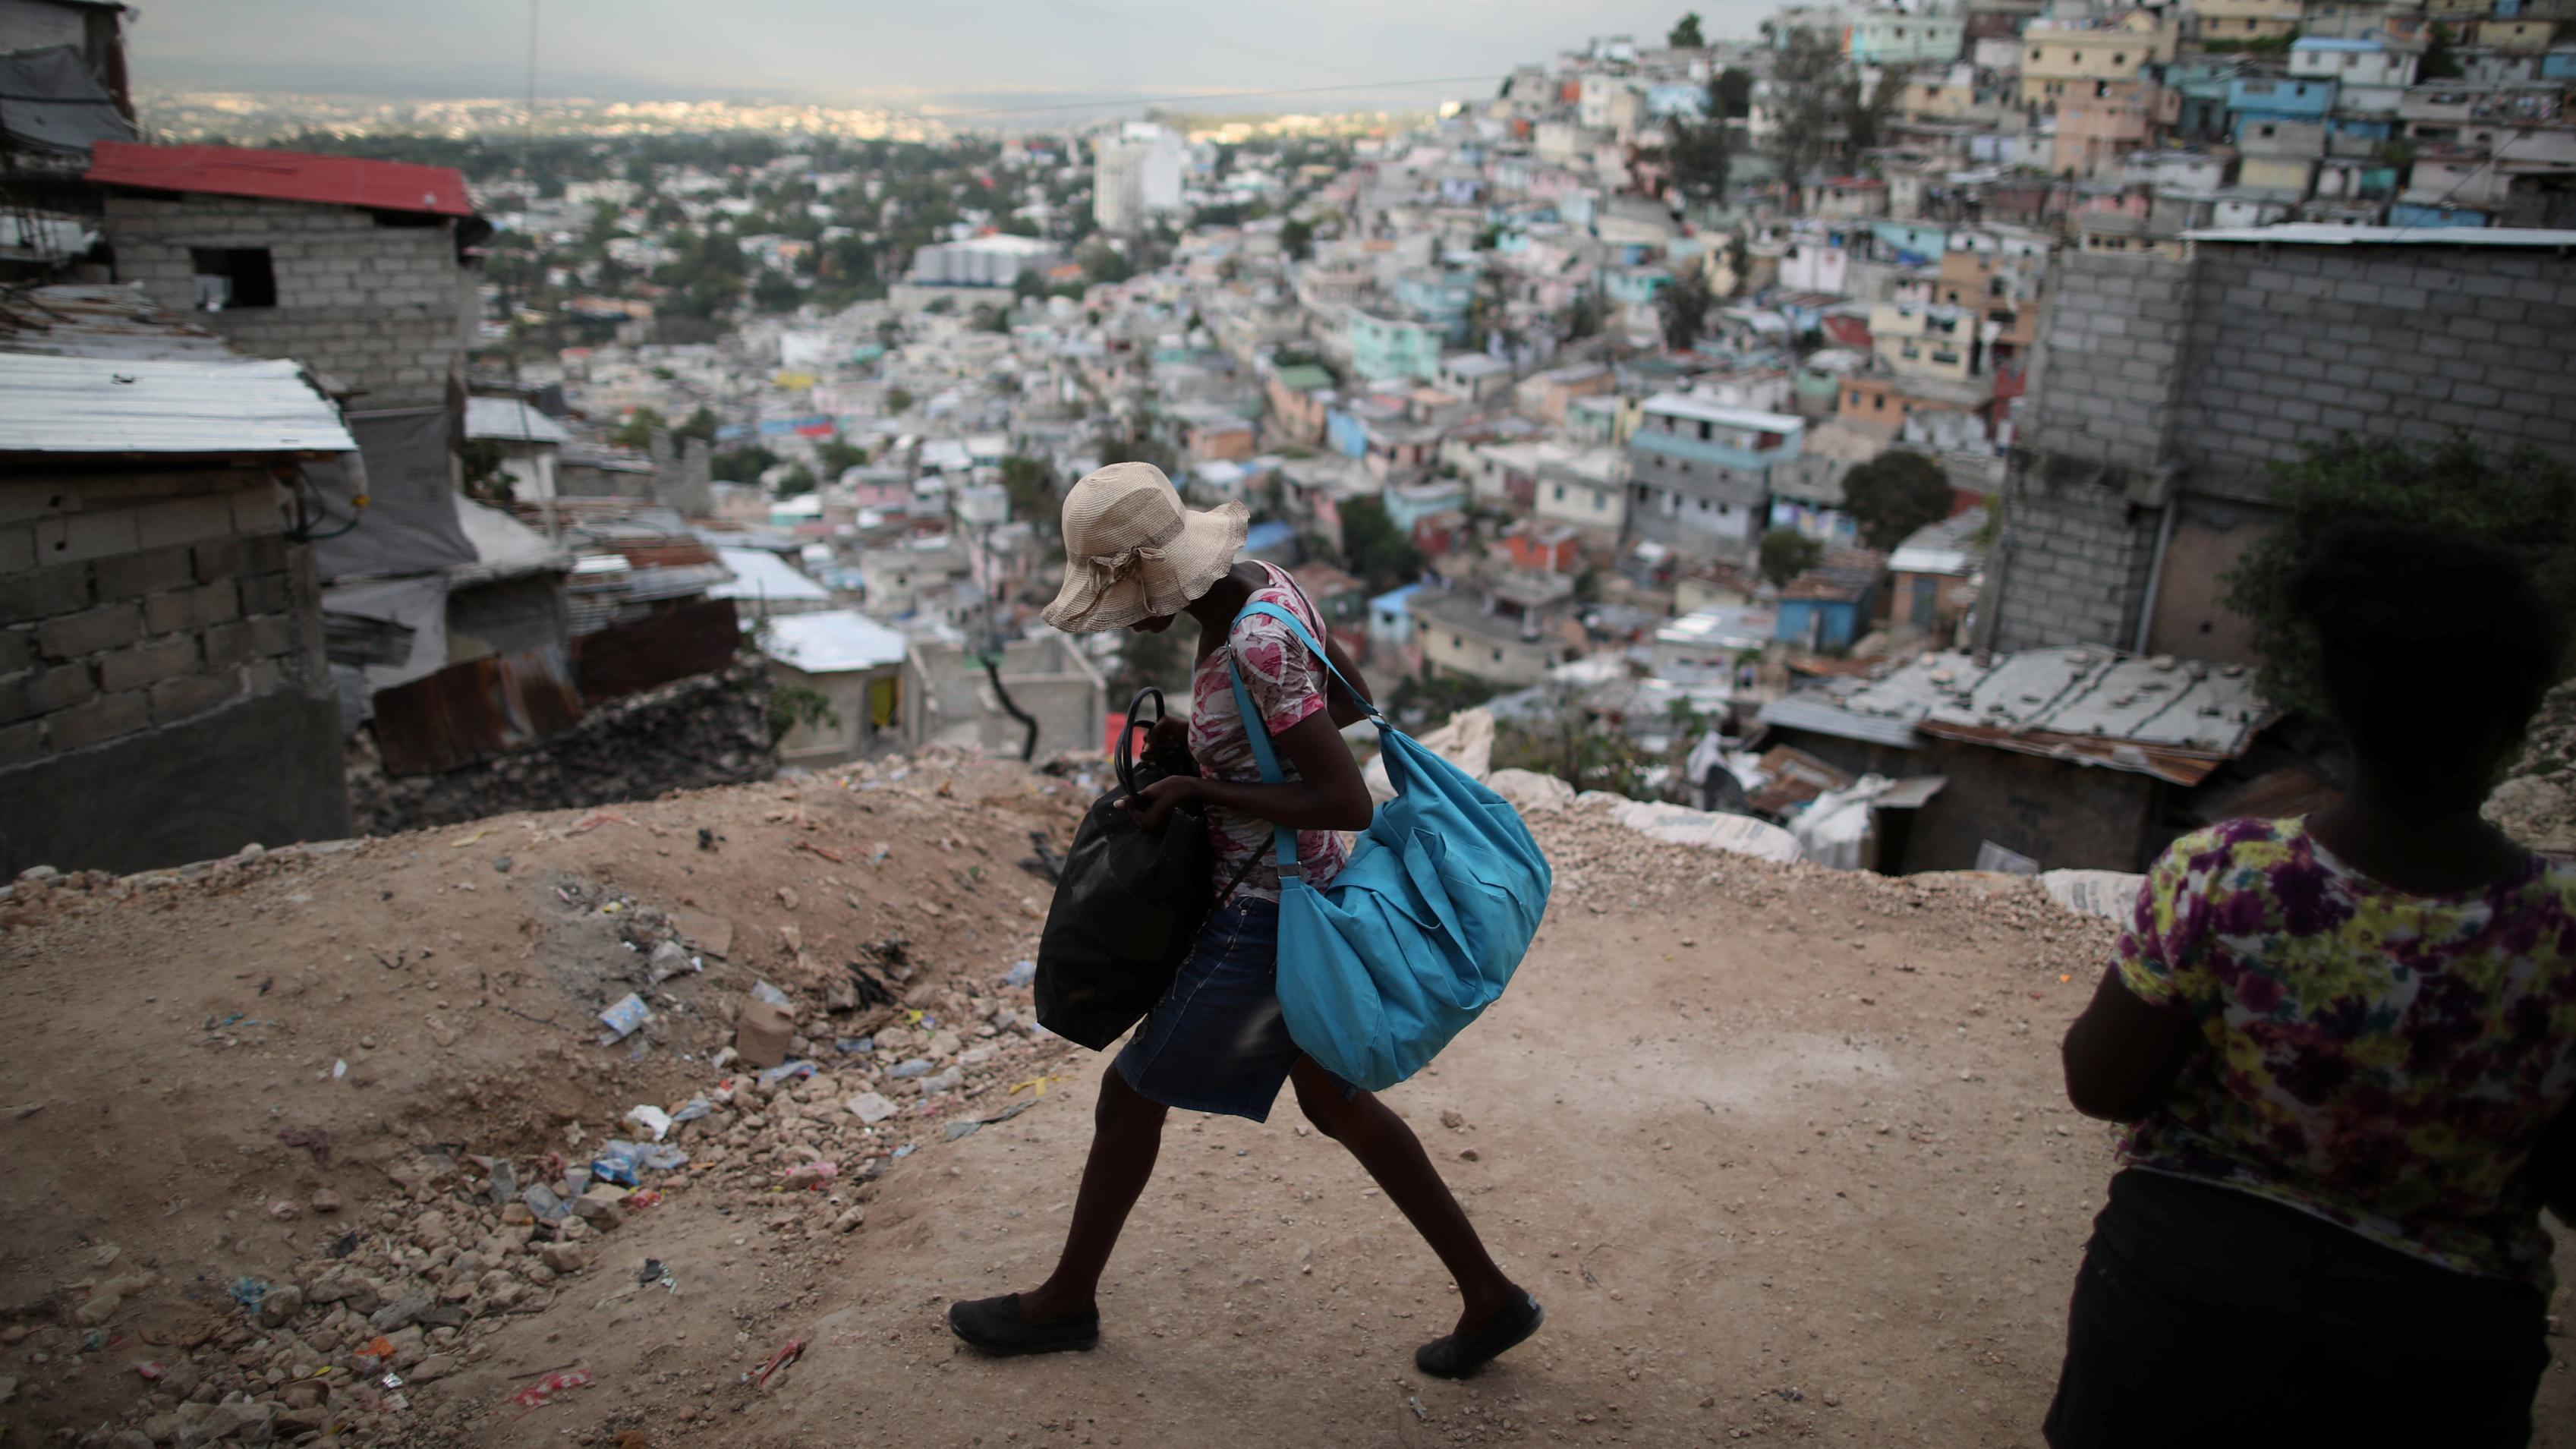 Varios responsables de Oxfam contrataron prostitutas en Haití tras el terremoto de 2010